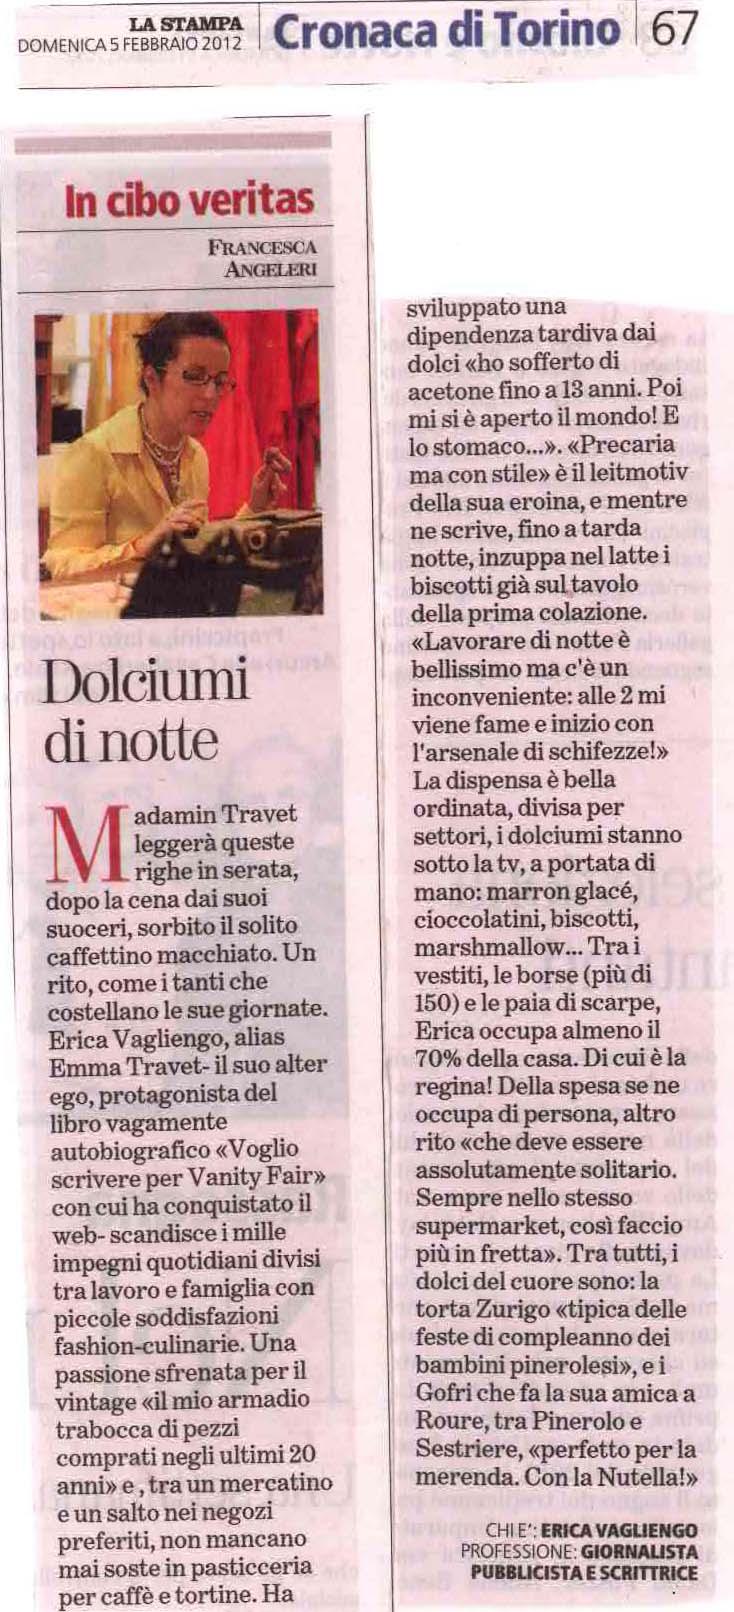 La Stampa, 2012 Il pezzo di Francesca Angeleri